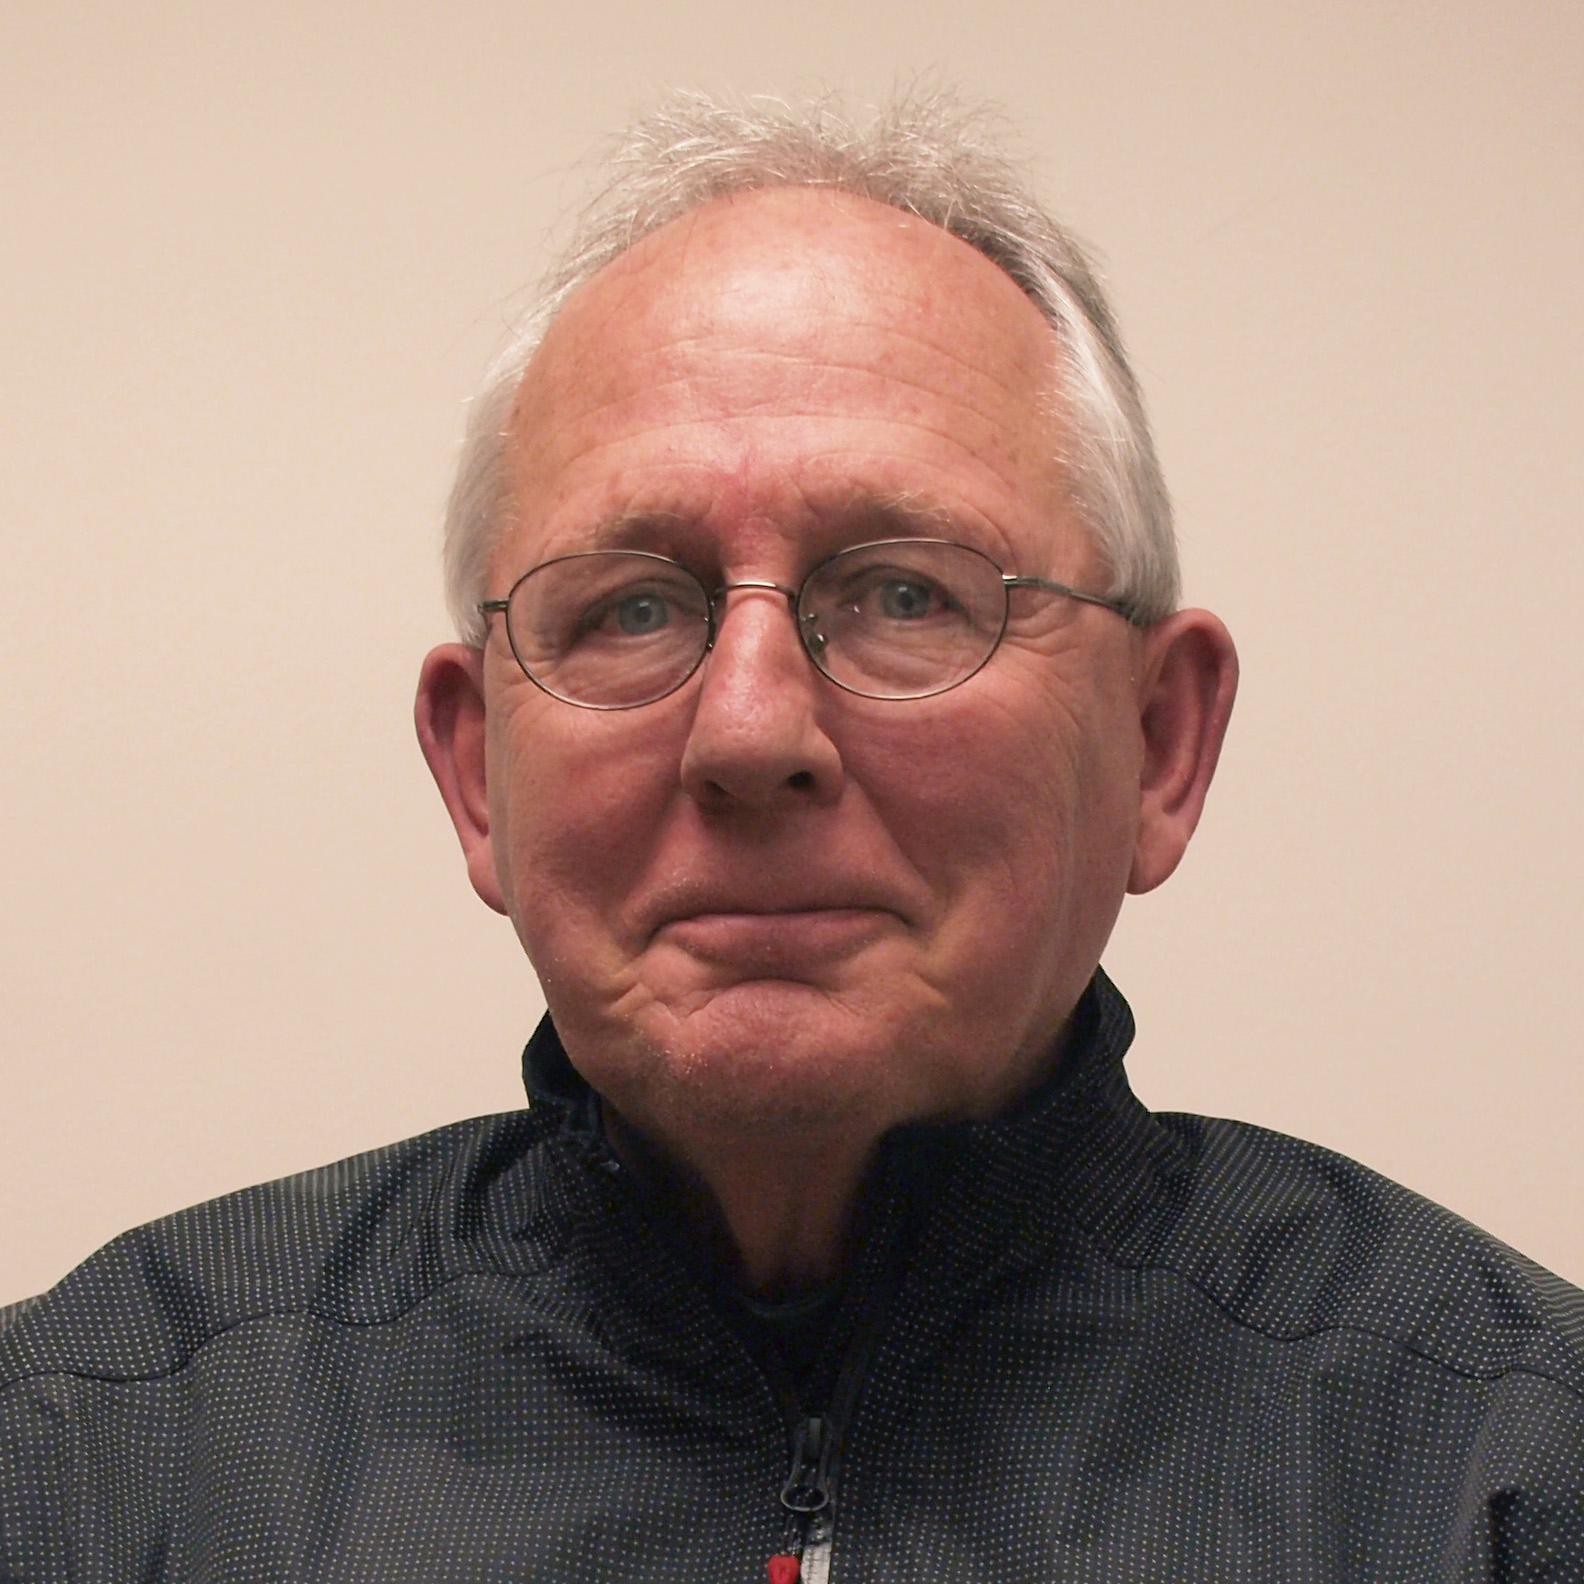 John Kotowski, Vice Chair